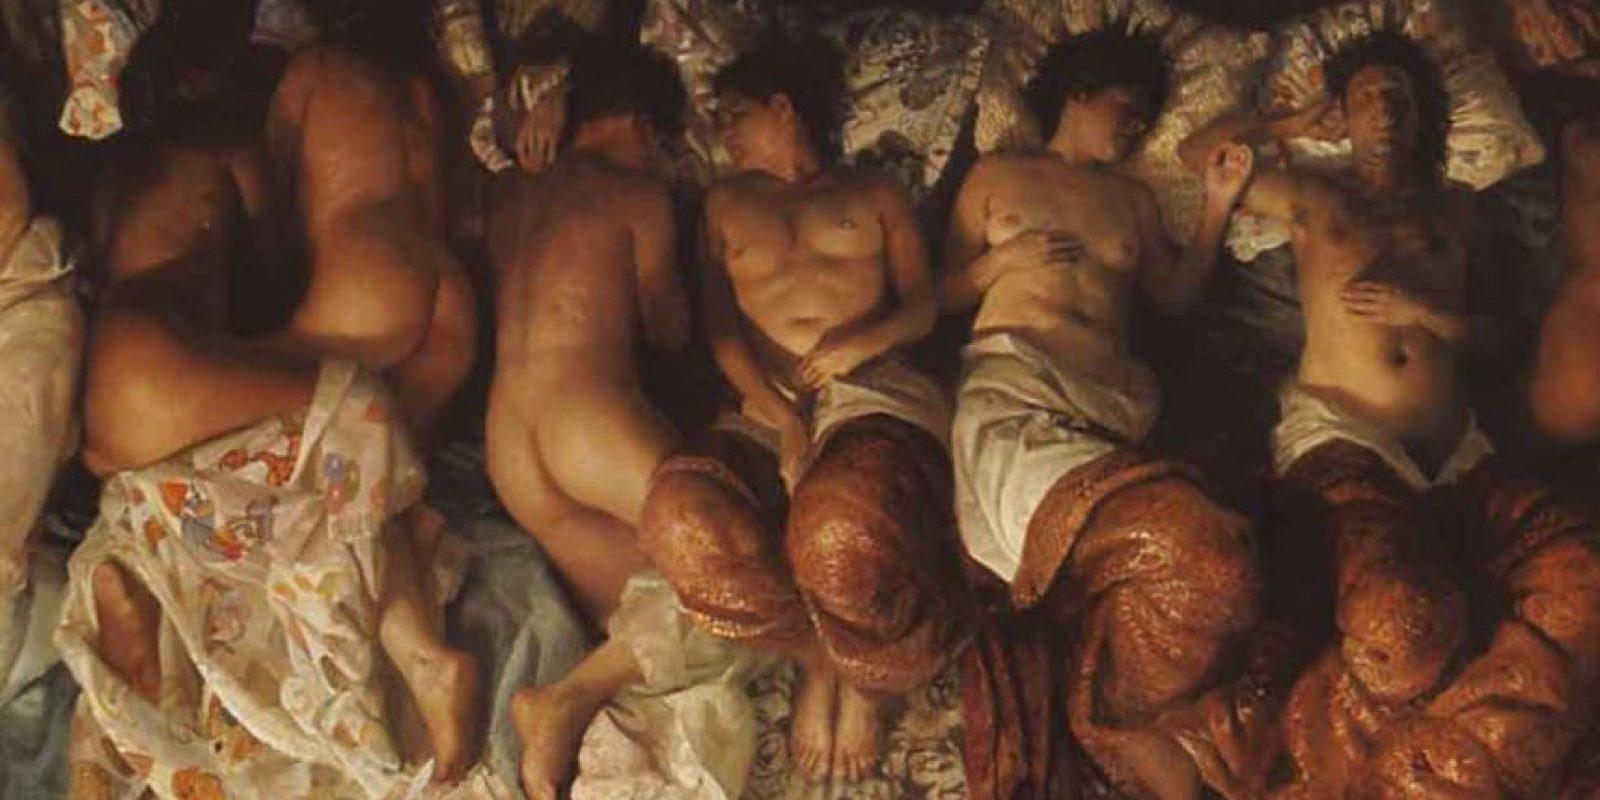 La obra del artista Desiderio creada en 2003 fue la principal inspiración del polémico video. Foto:Especial